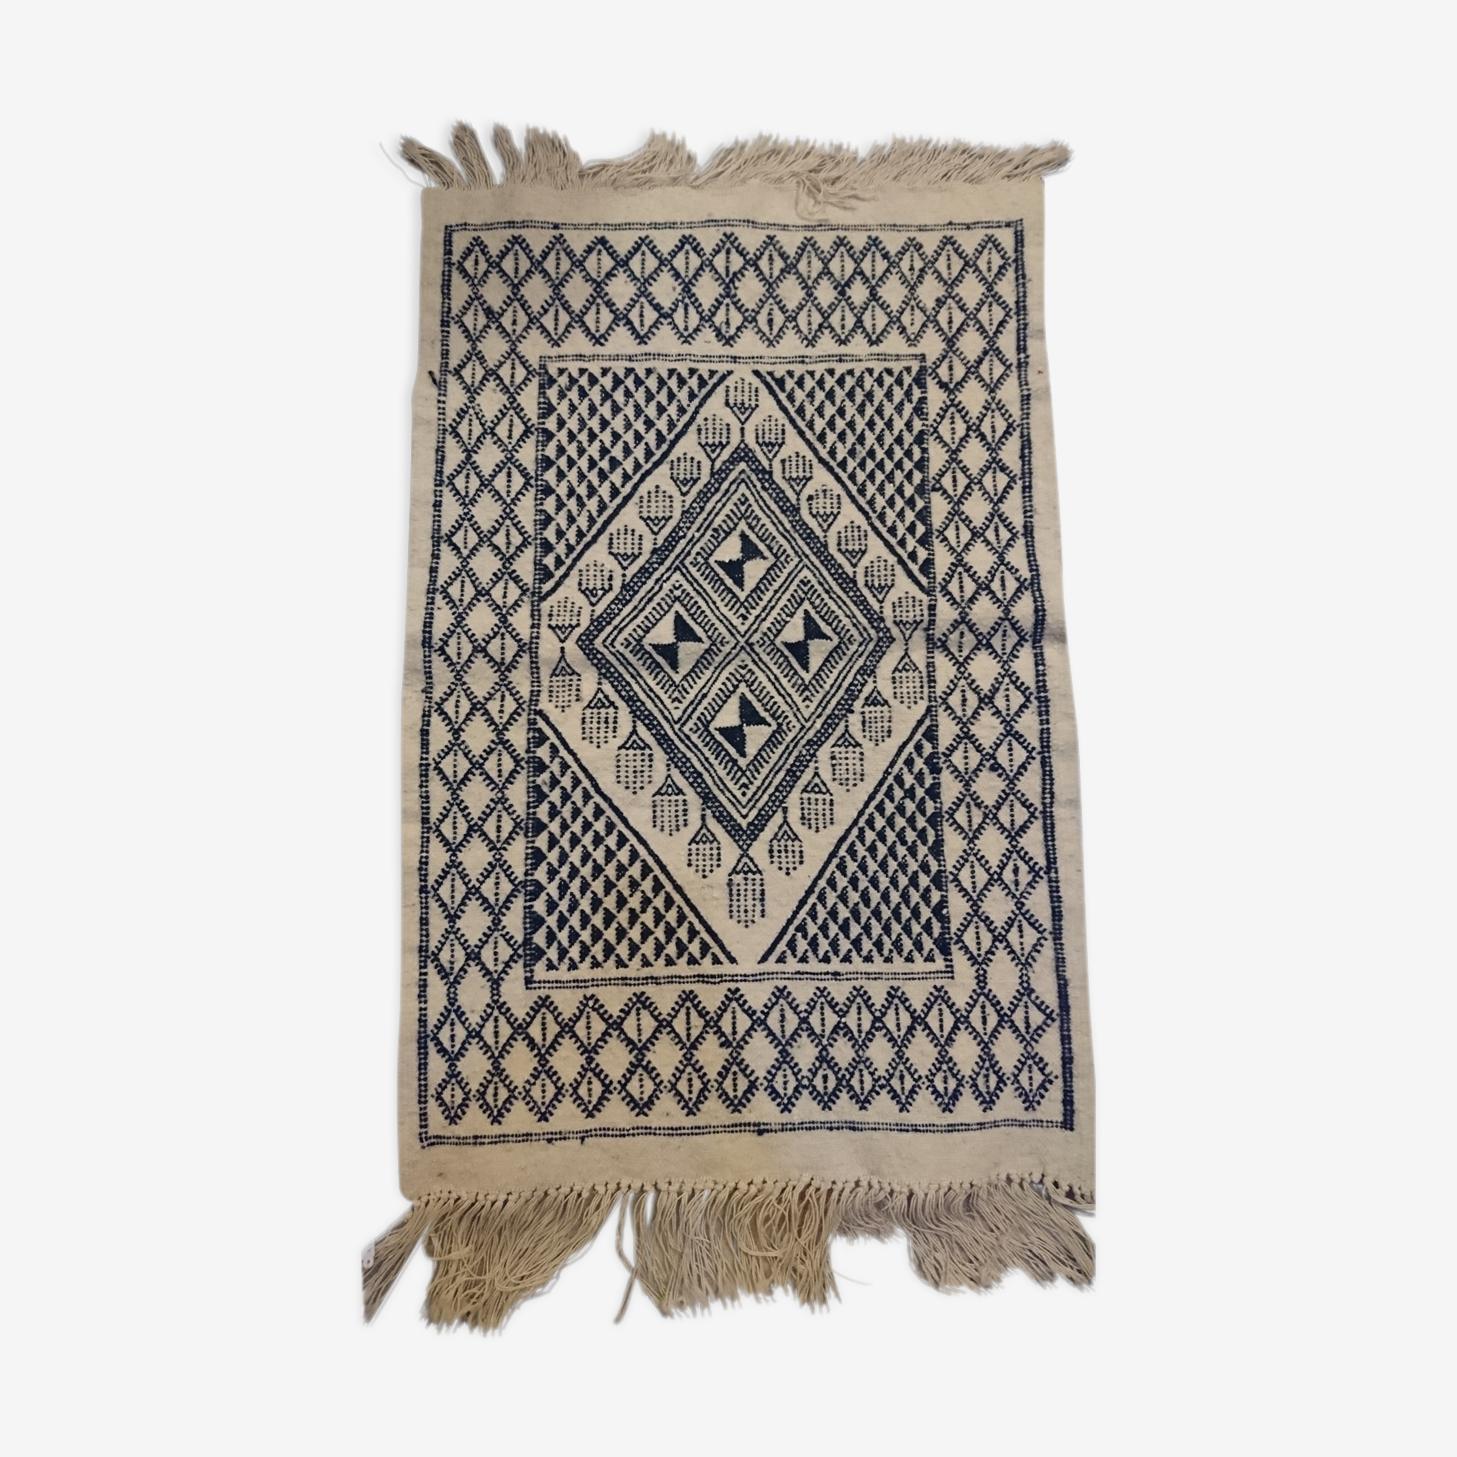 Tapis berbère fait à la main en pure laine bleu et blanc